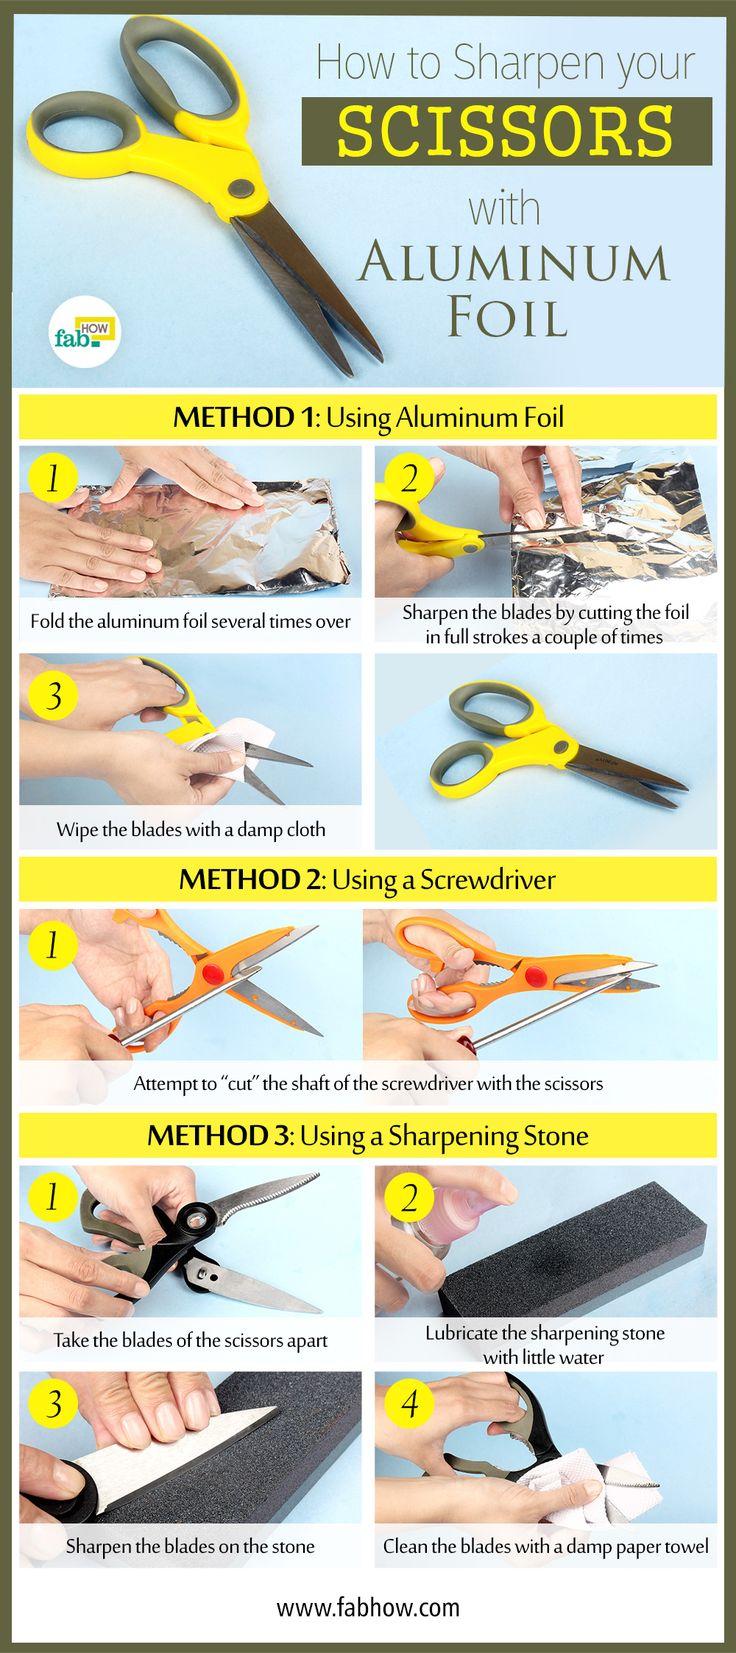 Sharpen Scissors With Aluminum